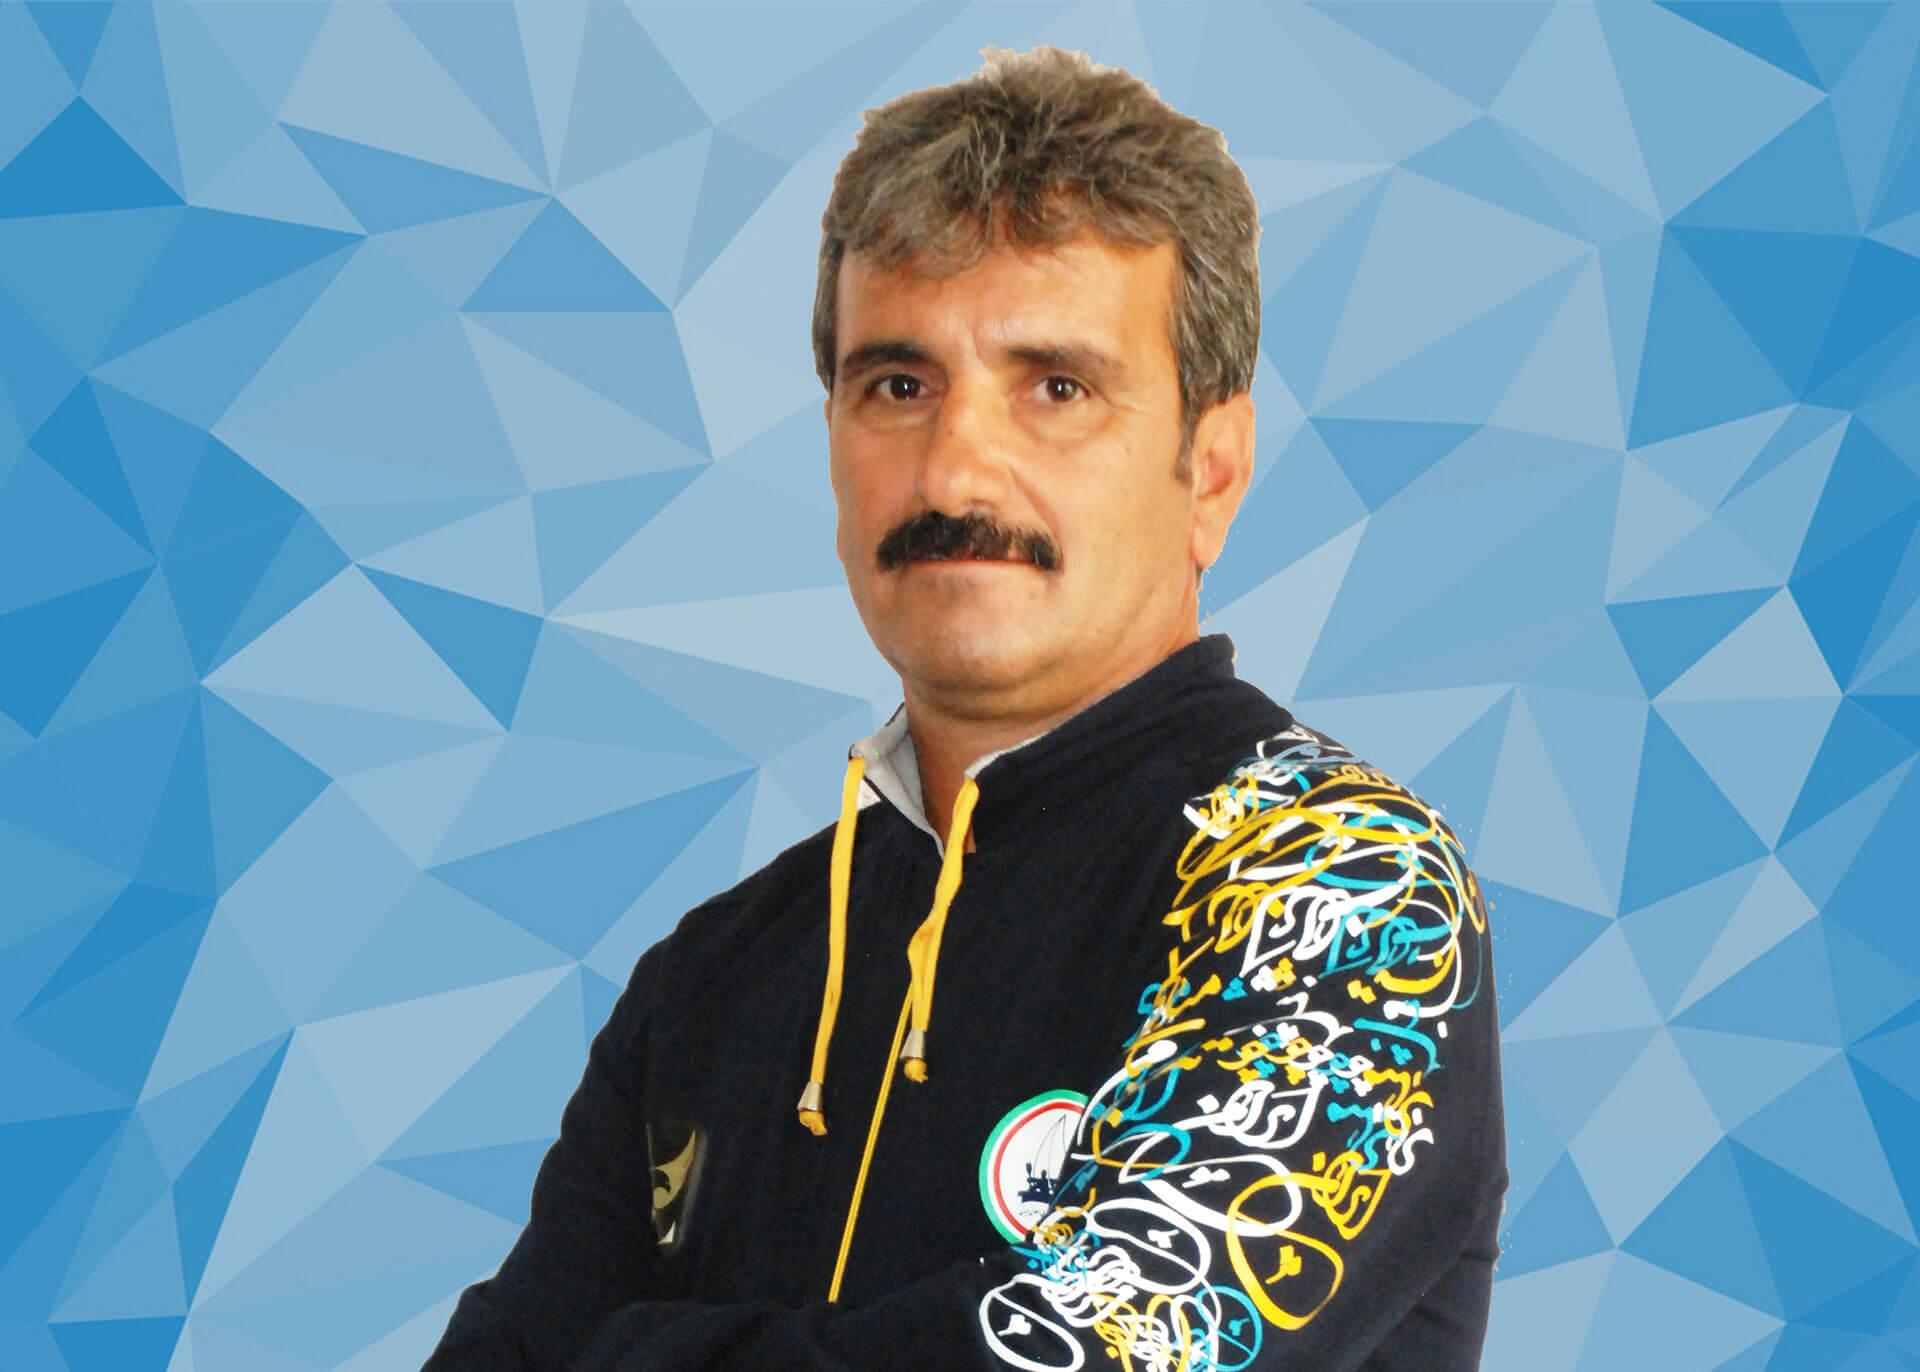 انوش عباسی مربی تیم ملی کایاک زیر 23 سال و جوانان: در رشته آبهای آرام نیاز به پشتوانه سازی داریم